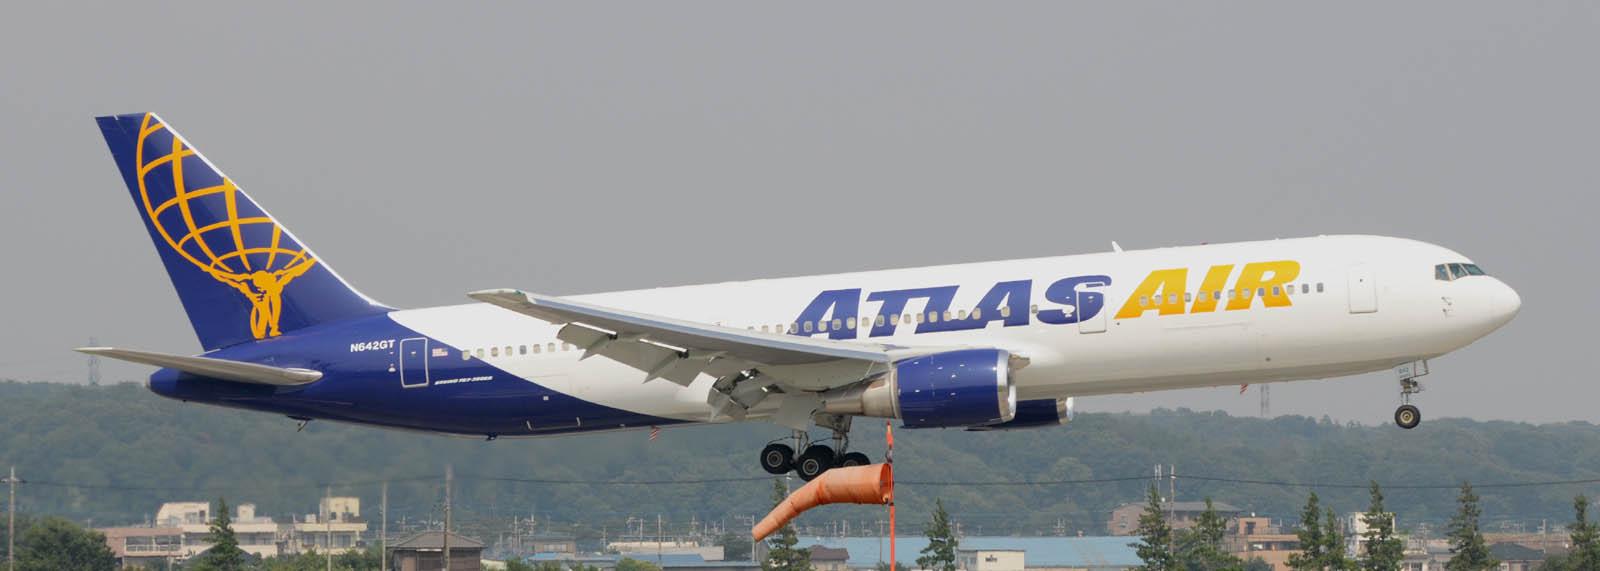 Atlas130727g484